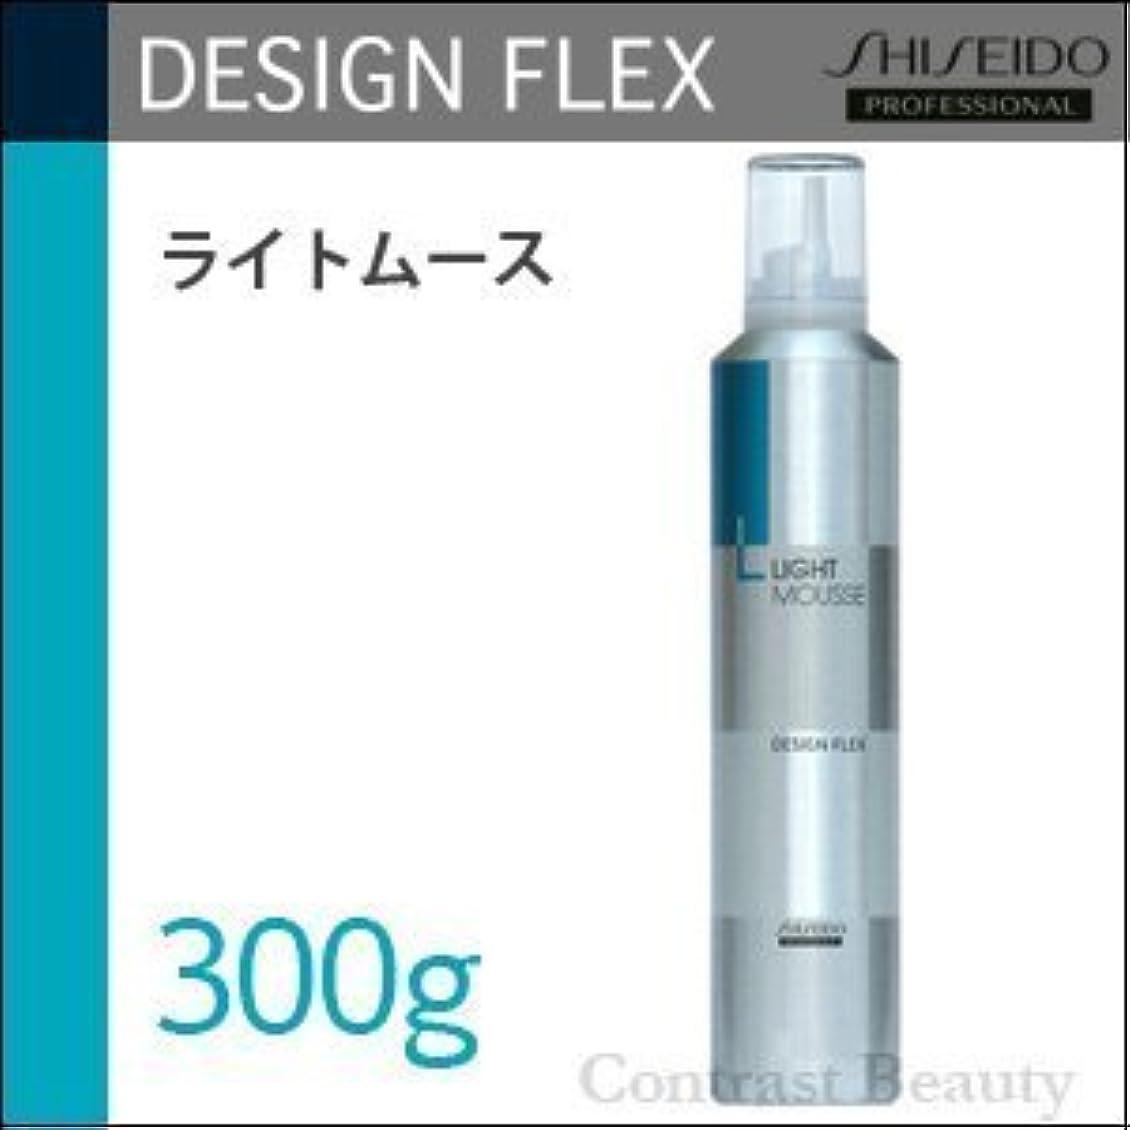 エリート発表する買う資生堂プロフェッショナル デザインフレックス ライトムース 300g